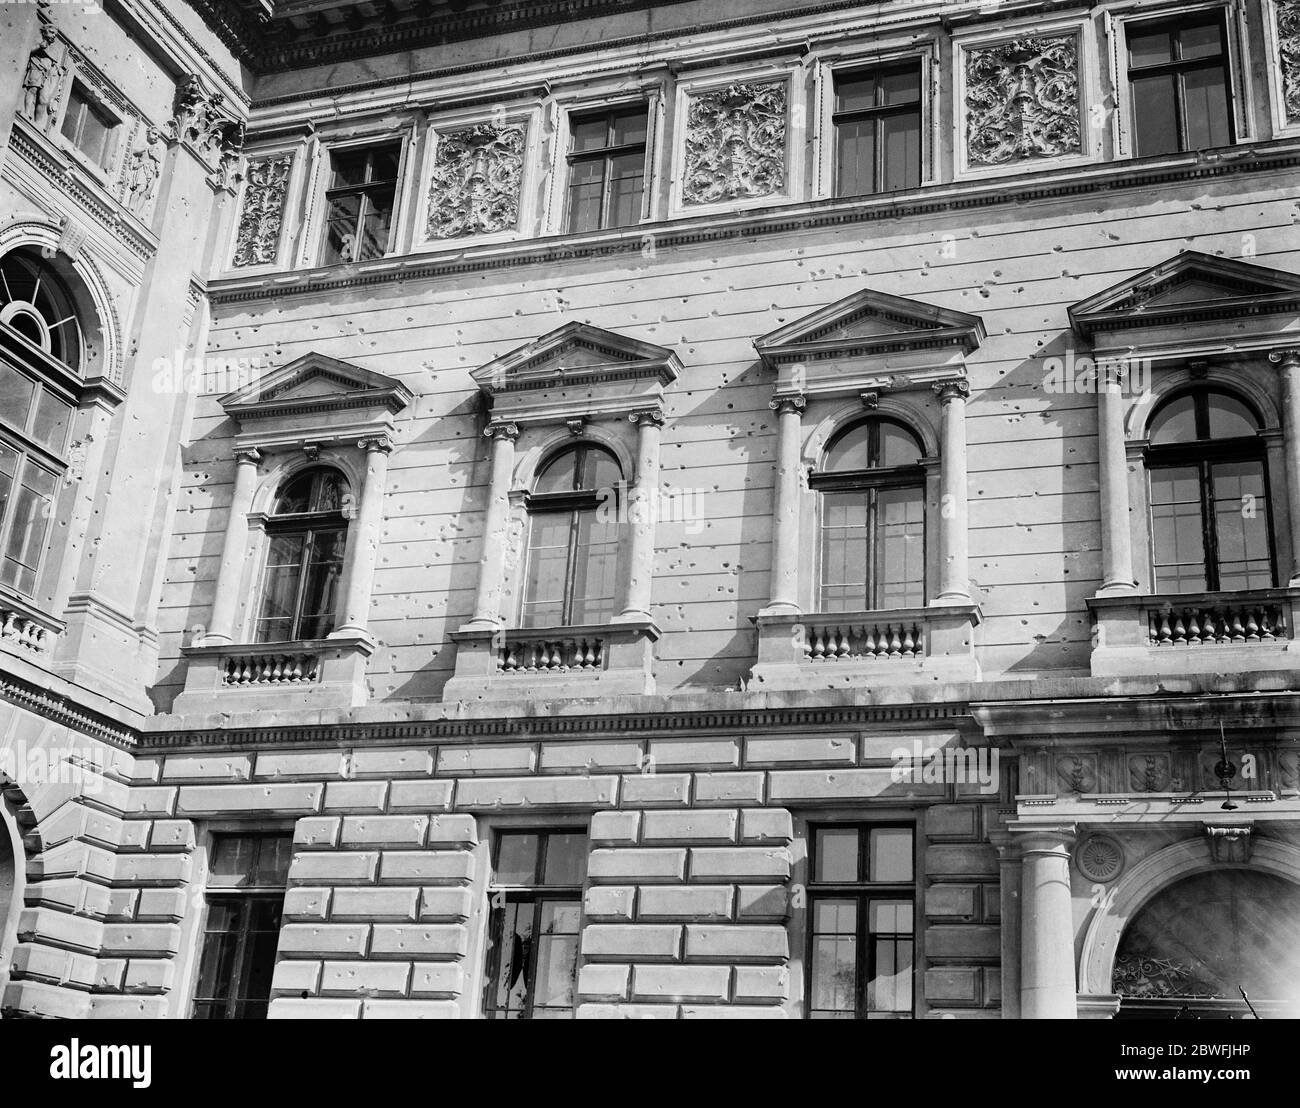 Lemberg , Pologne . Une partie des grands bâtiments de l'université , montrant des centaines de trous de balle faits pendant les années de combats de rue dont la ville a souffert . 24 octobre 1921 Banque D'Images